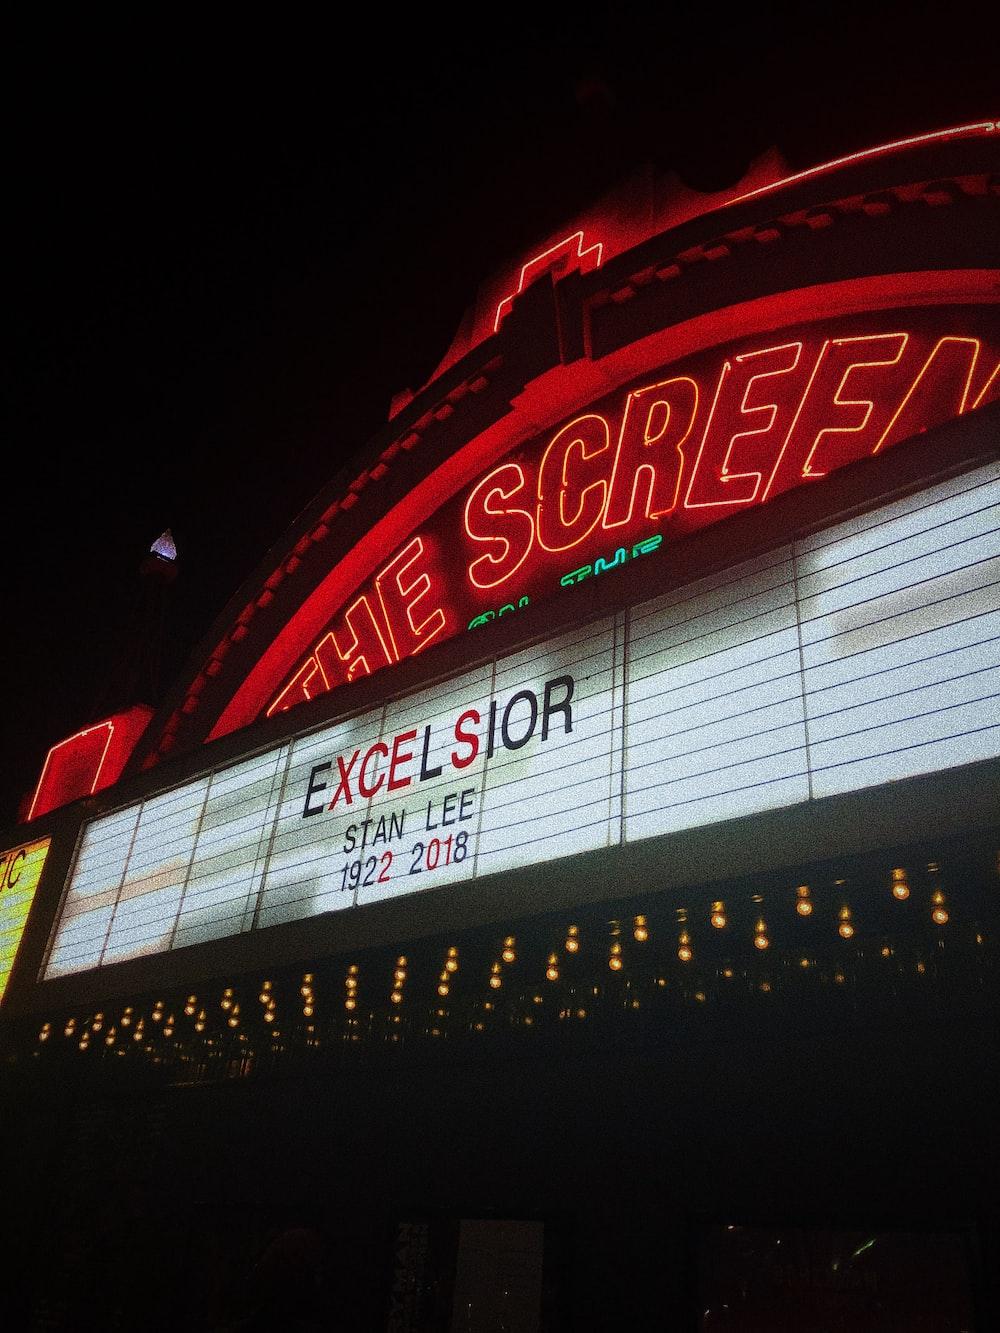 Excelsior signage during daytime